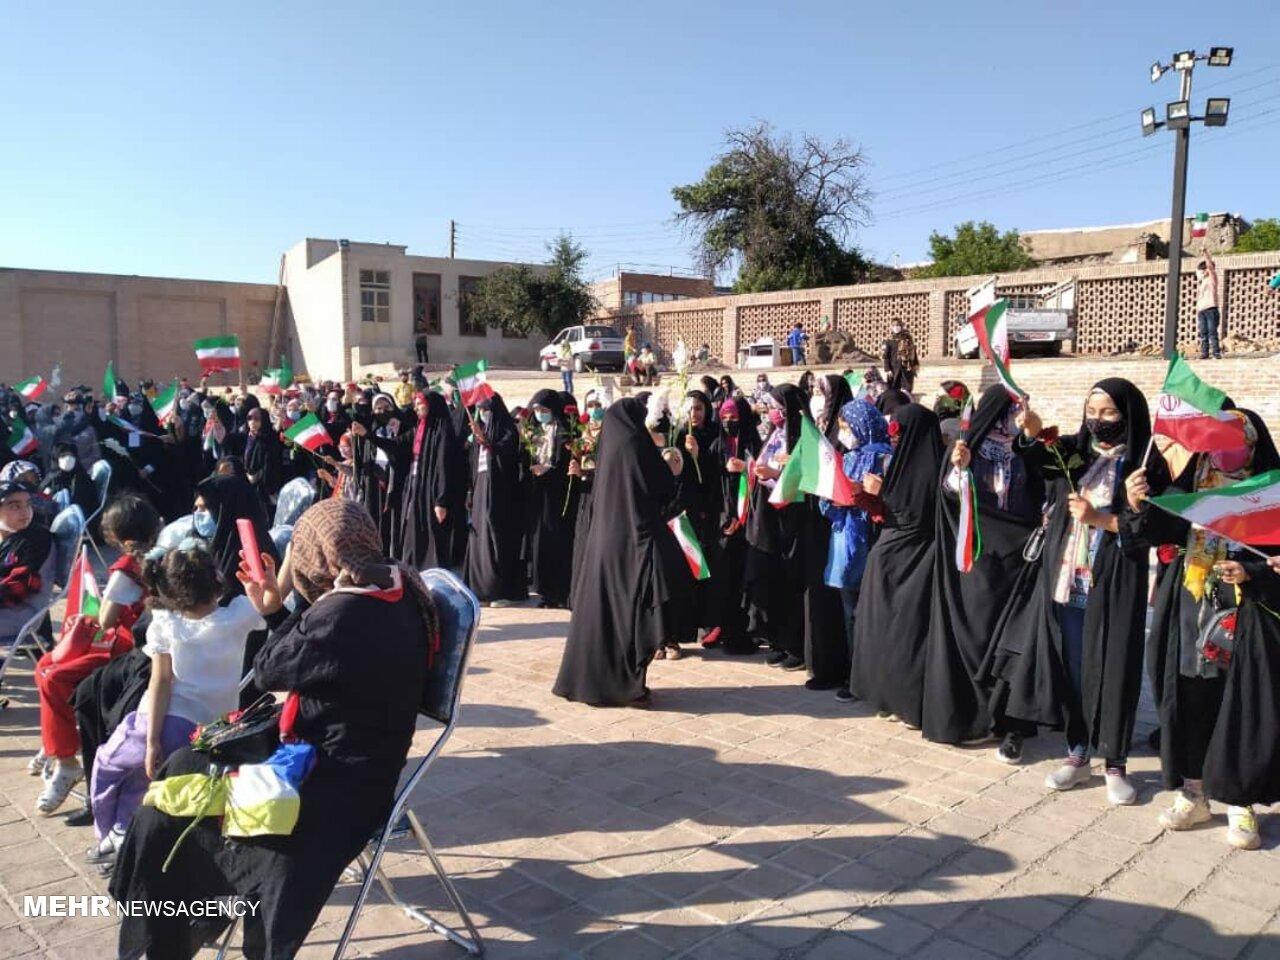 پویش حرف آورد در جشن سیاسی رأی اولیها در اردبیل برگزار شد